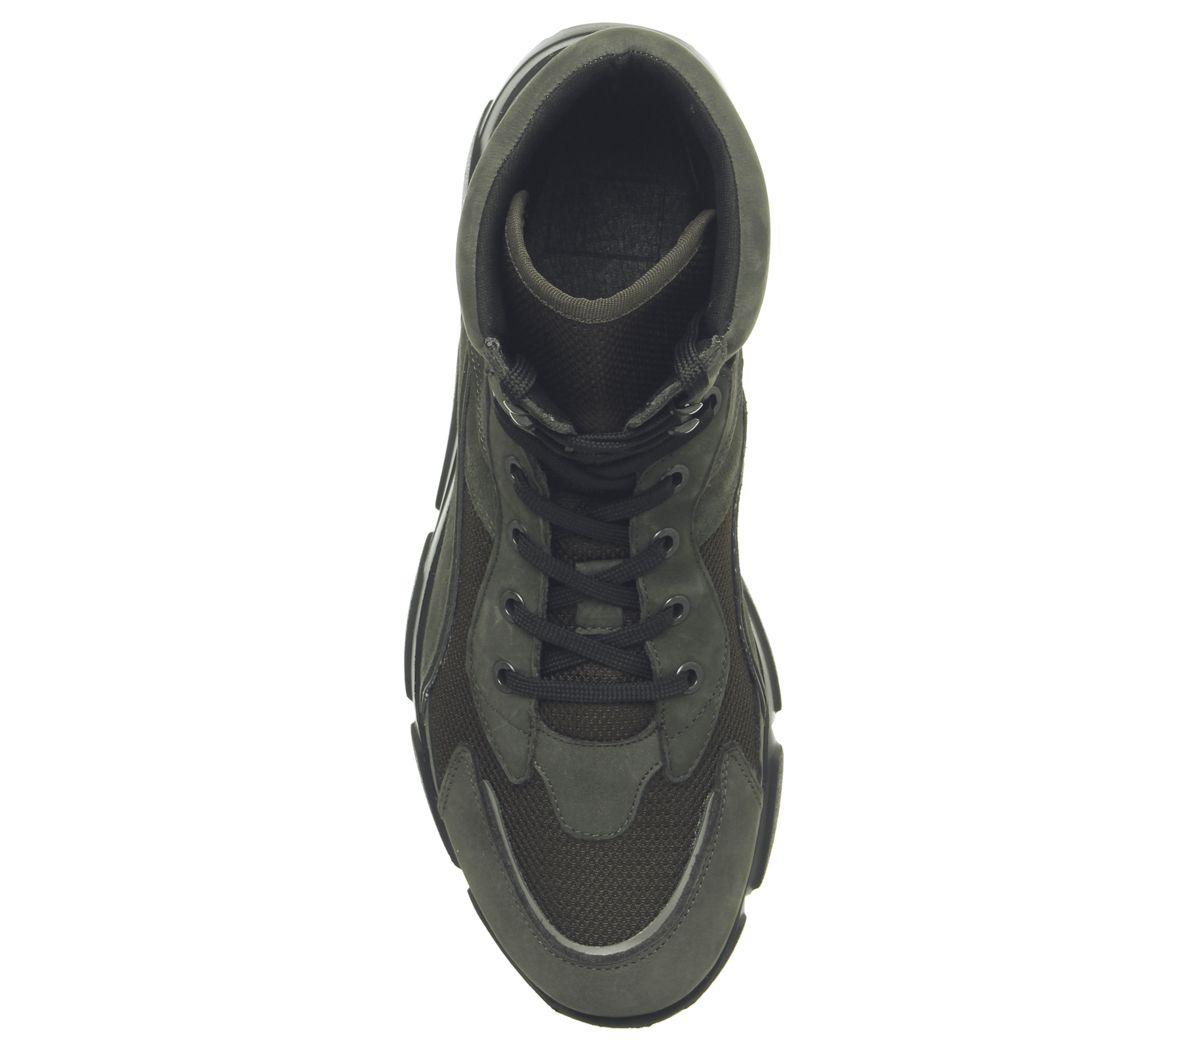 Hommes-Ask-The-Missus-Lignee-Baskets-Hi-Kaki-Daim-Decontracte-Chaussures miniature 10